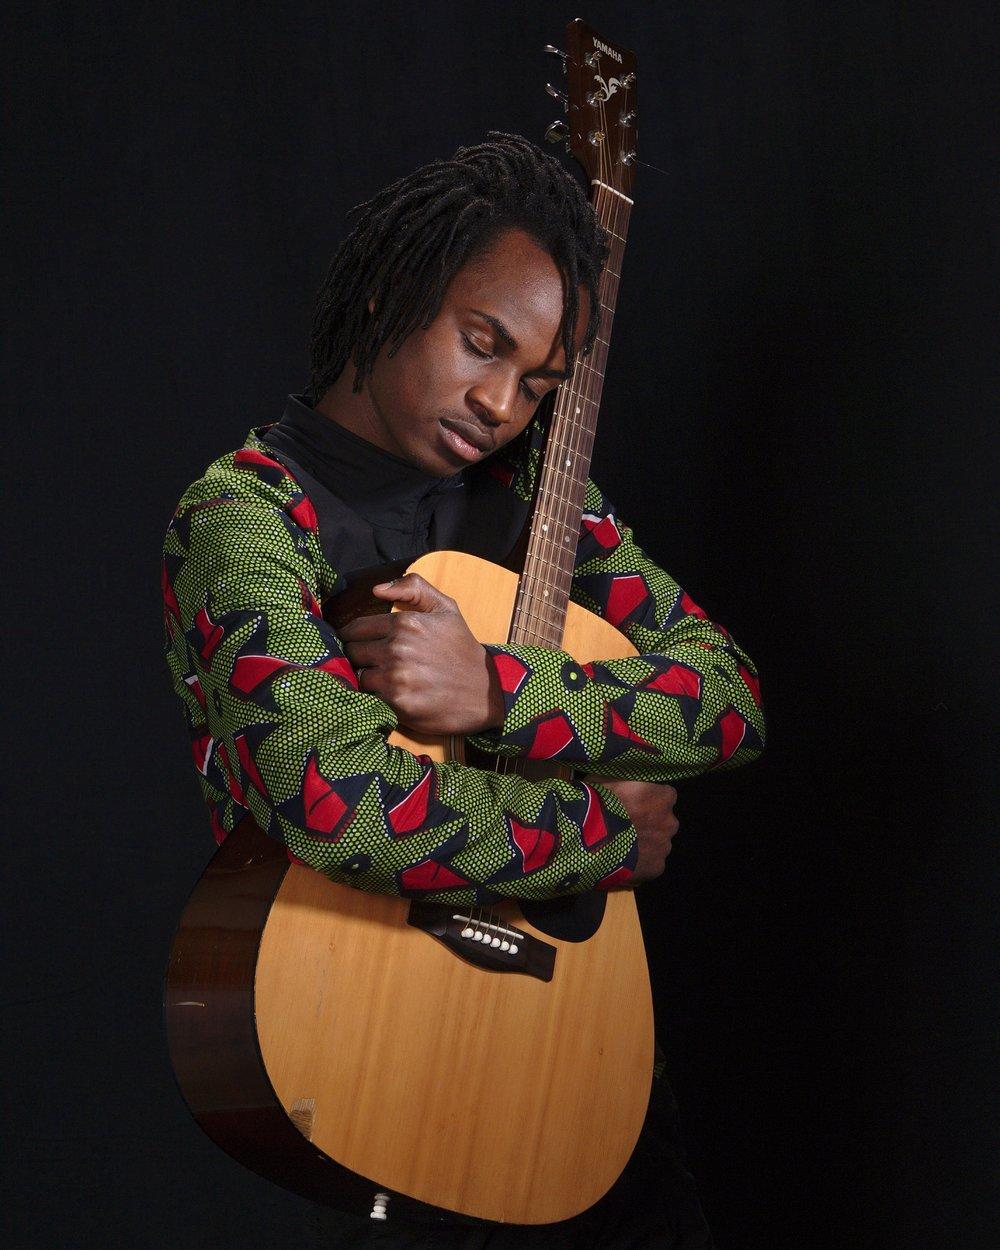 Zack Okello